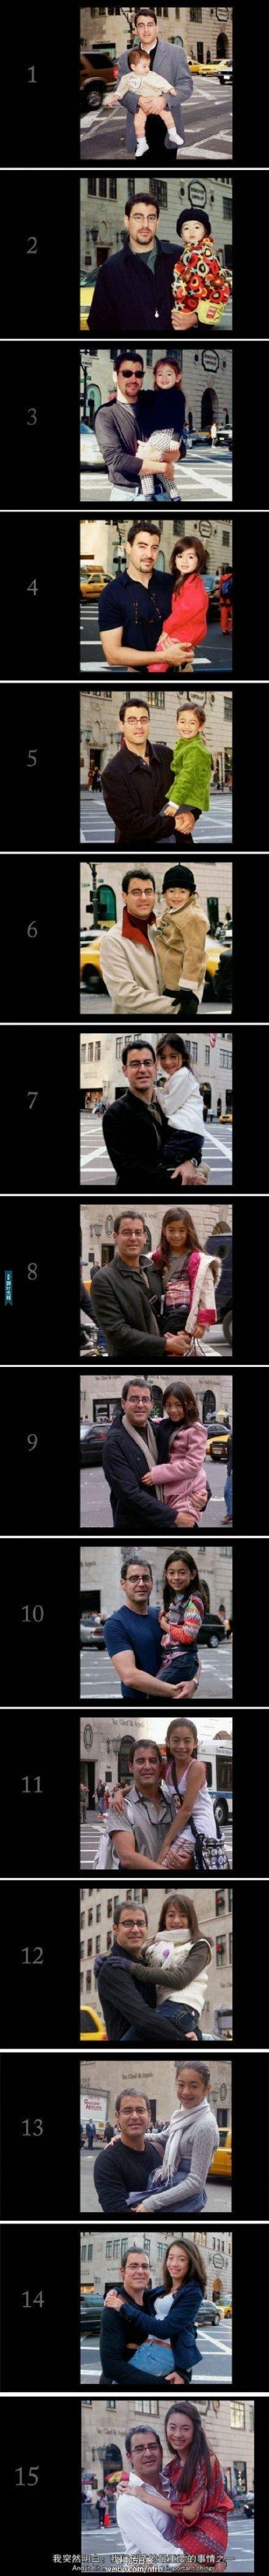 暖心150303:岁月不居时节如流 15张照片见证父女情深